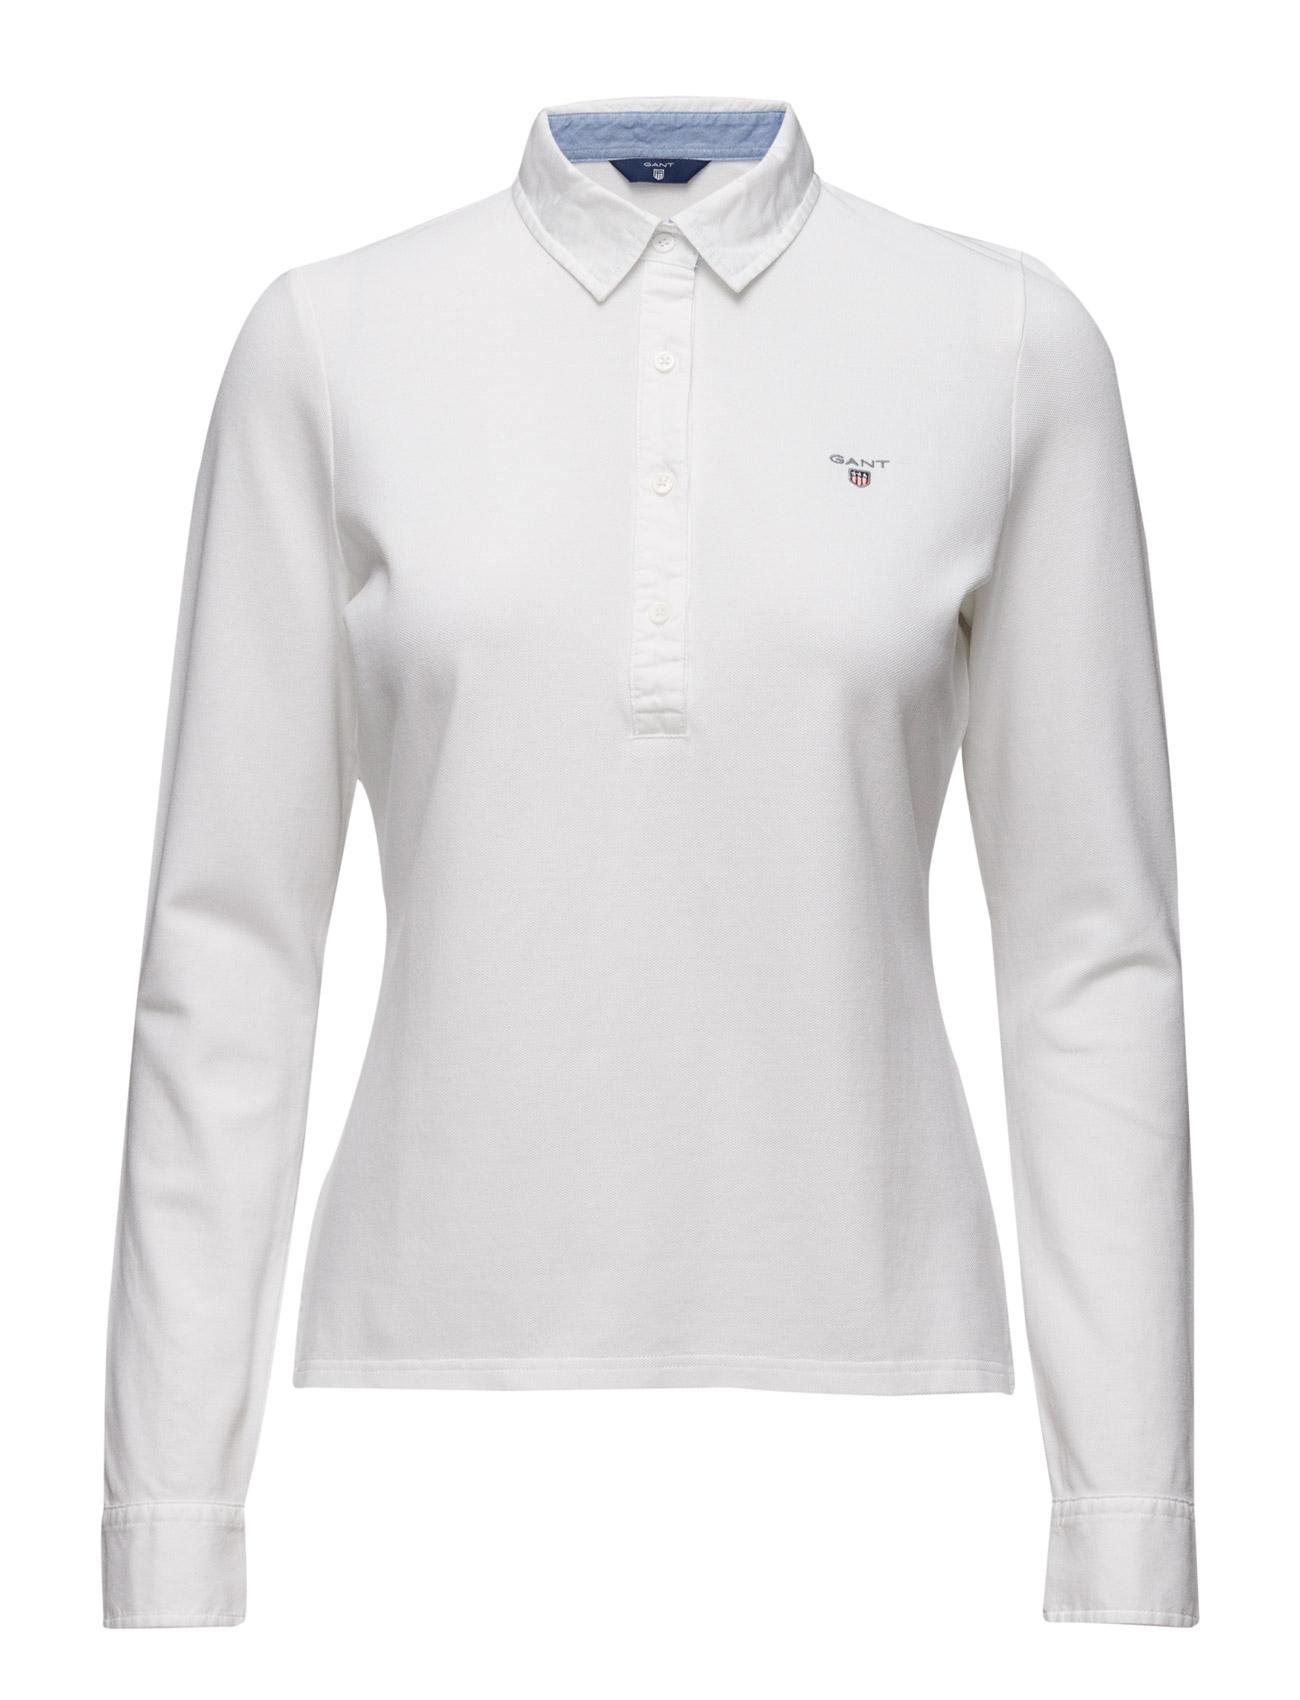 Oxford Pique Ls Rugger GANT Polo t-shirts til Damer i hvid